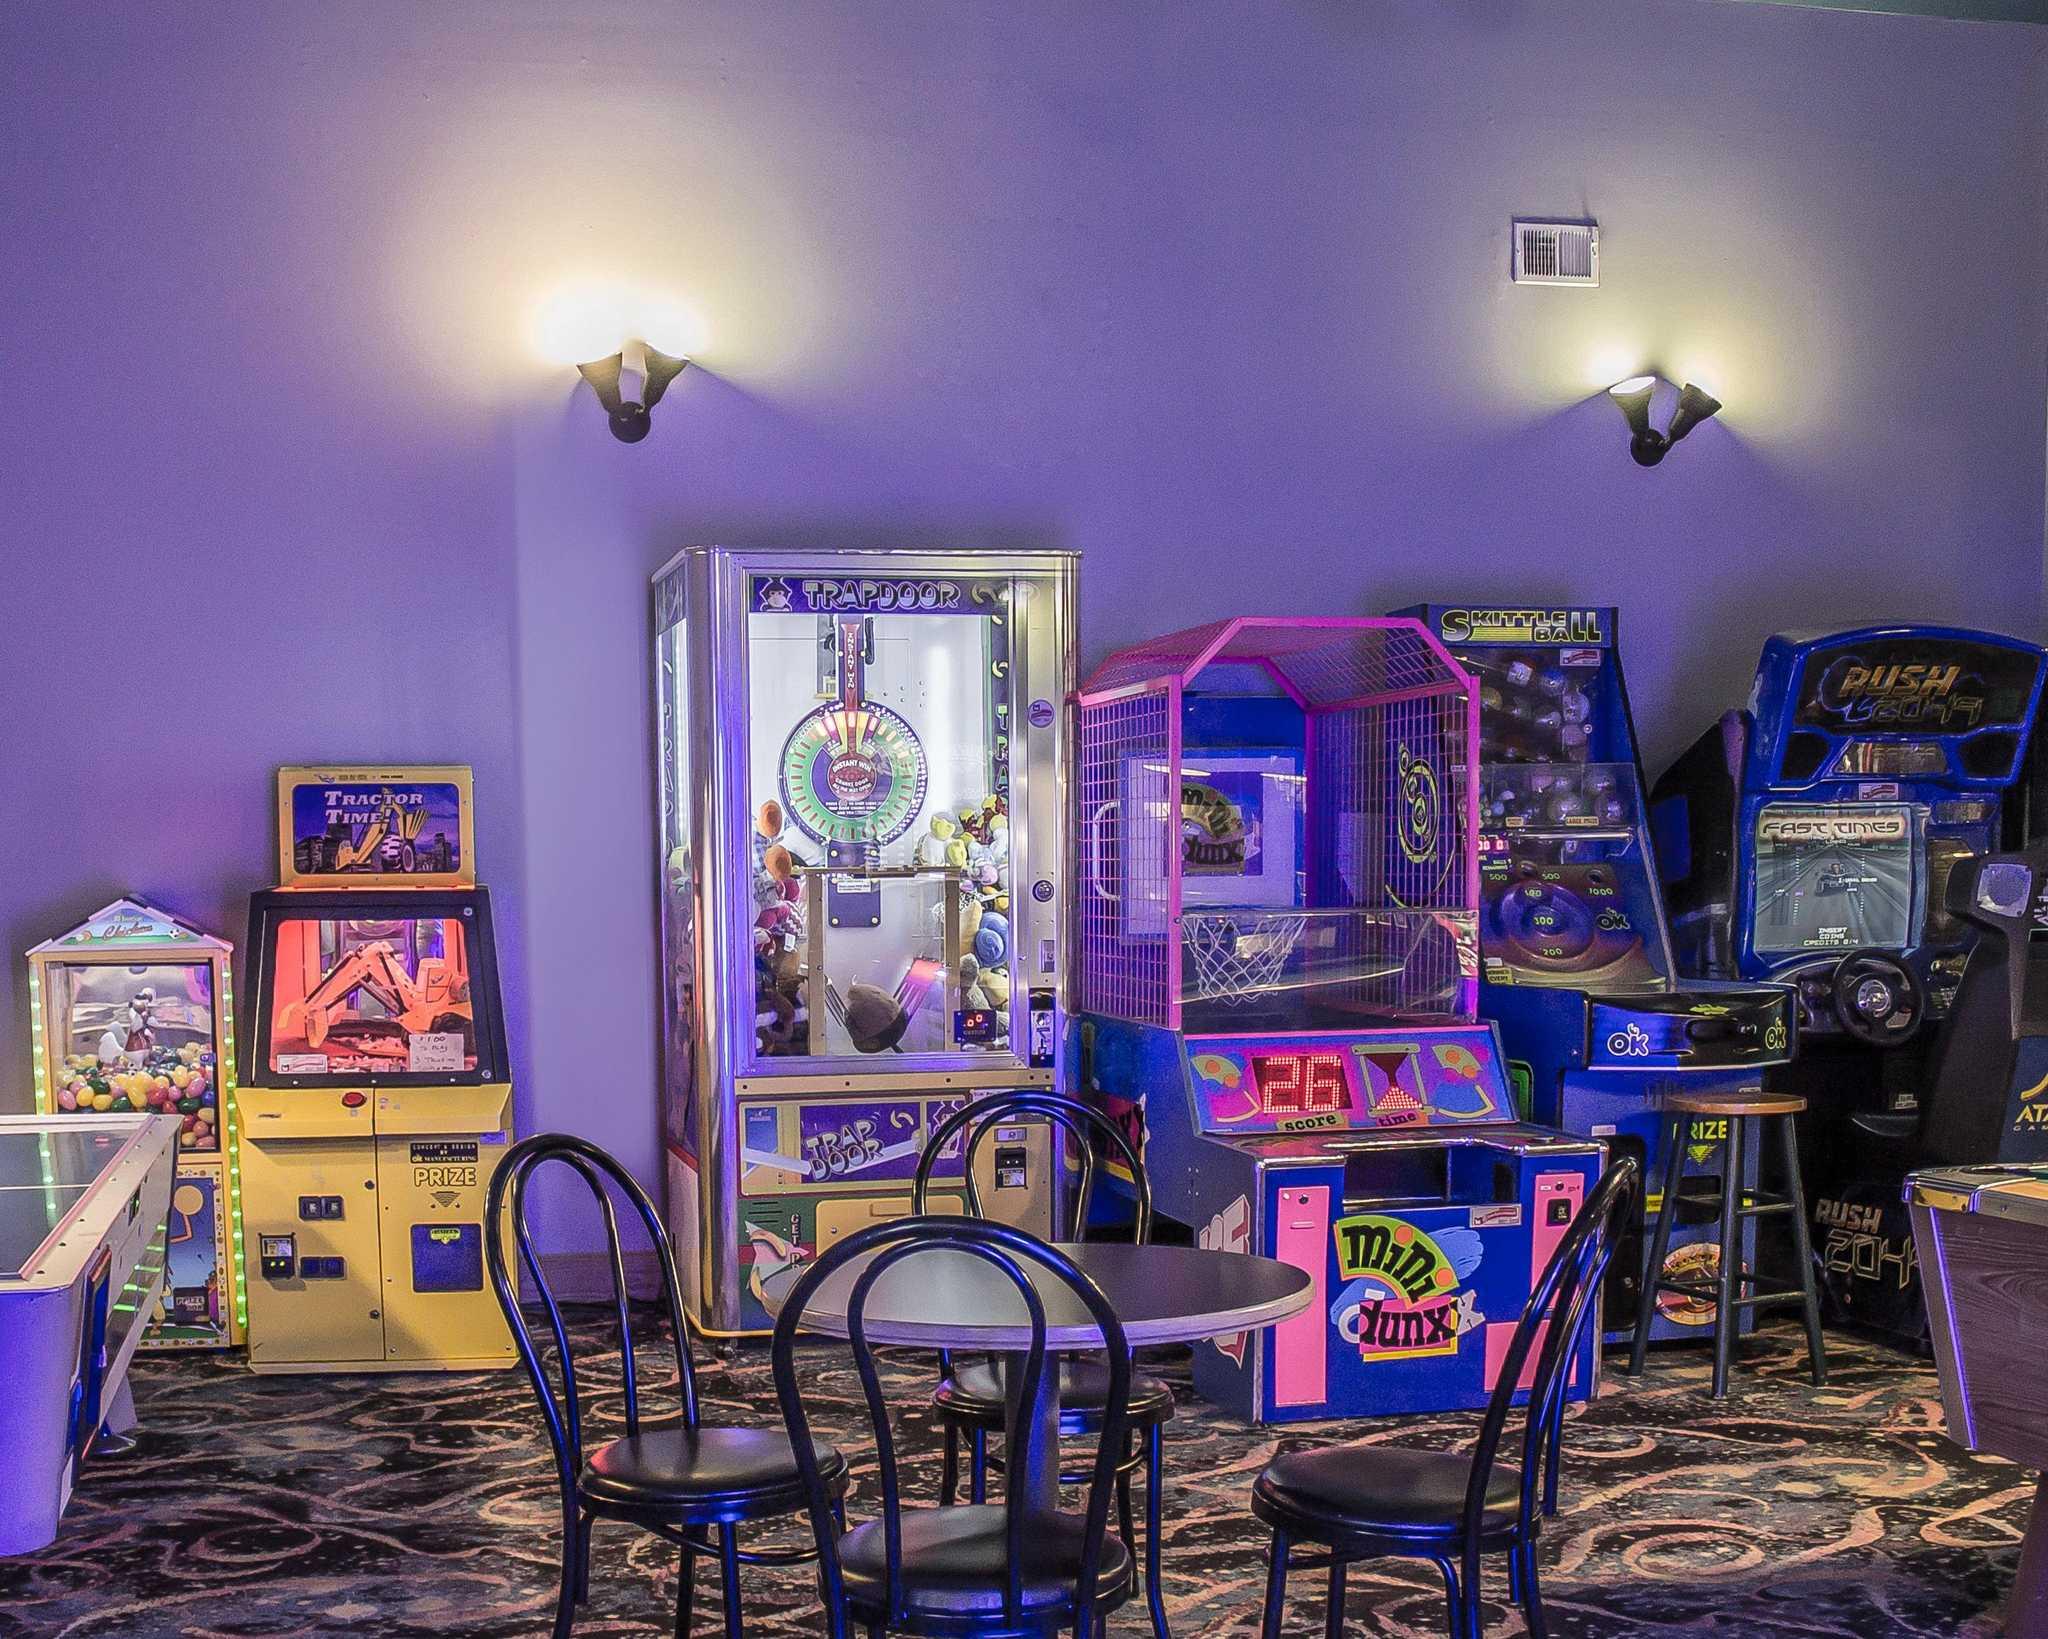 Comfort Inn Splash Harbor image 34